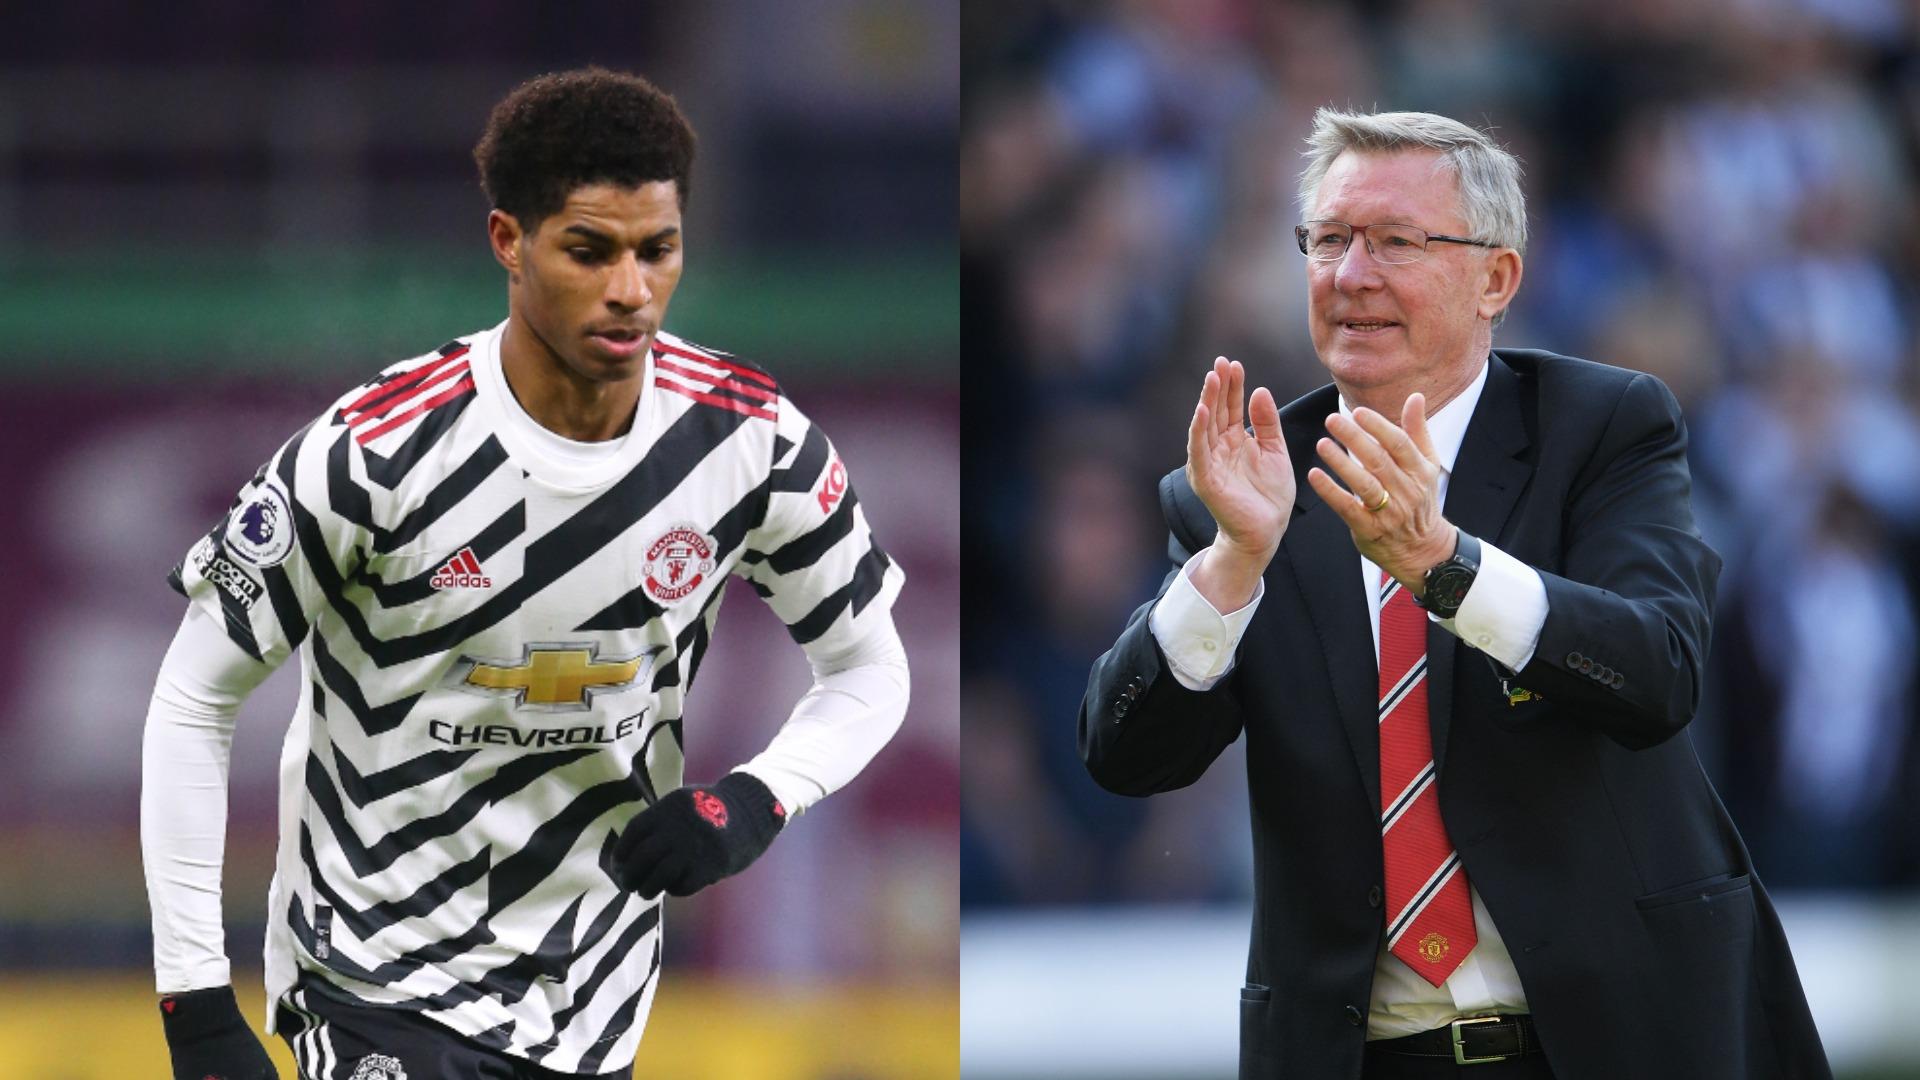 Rashford's only regret not playing for Man Utd great Ferguson